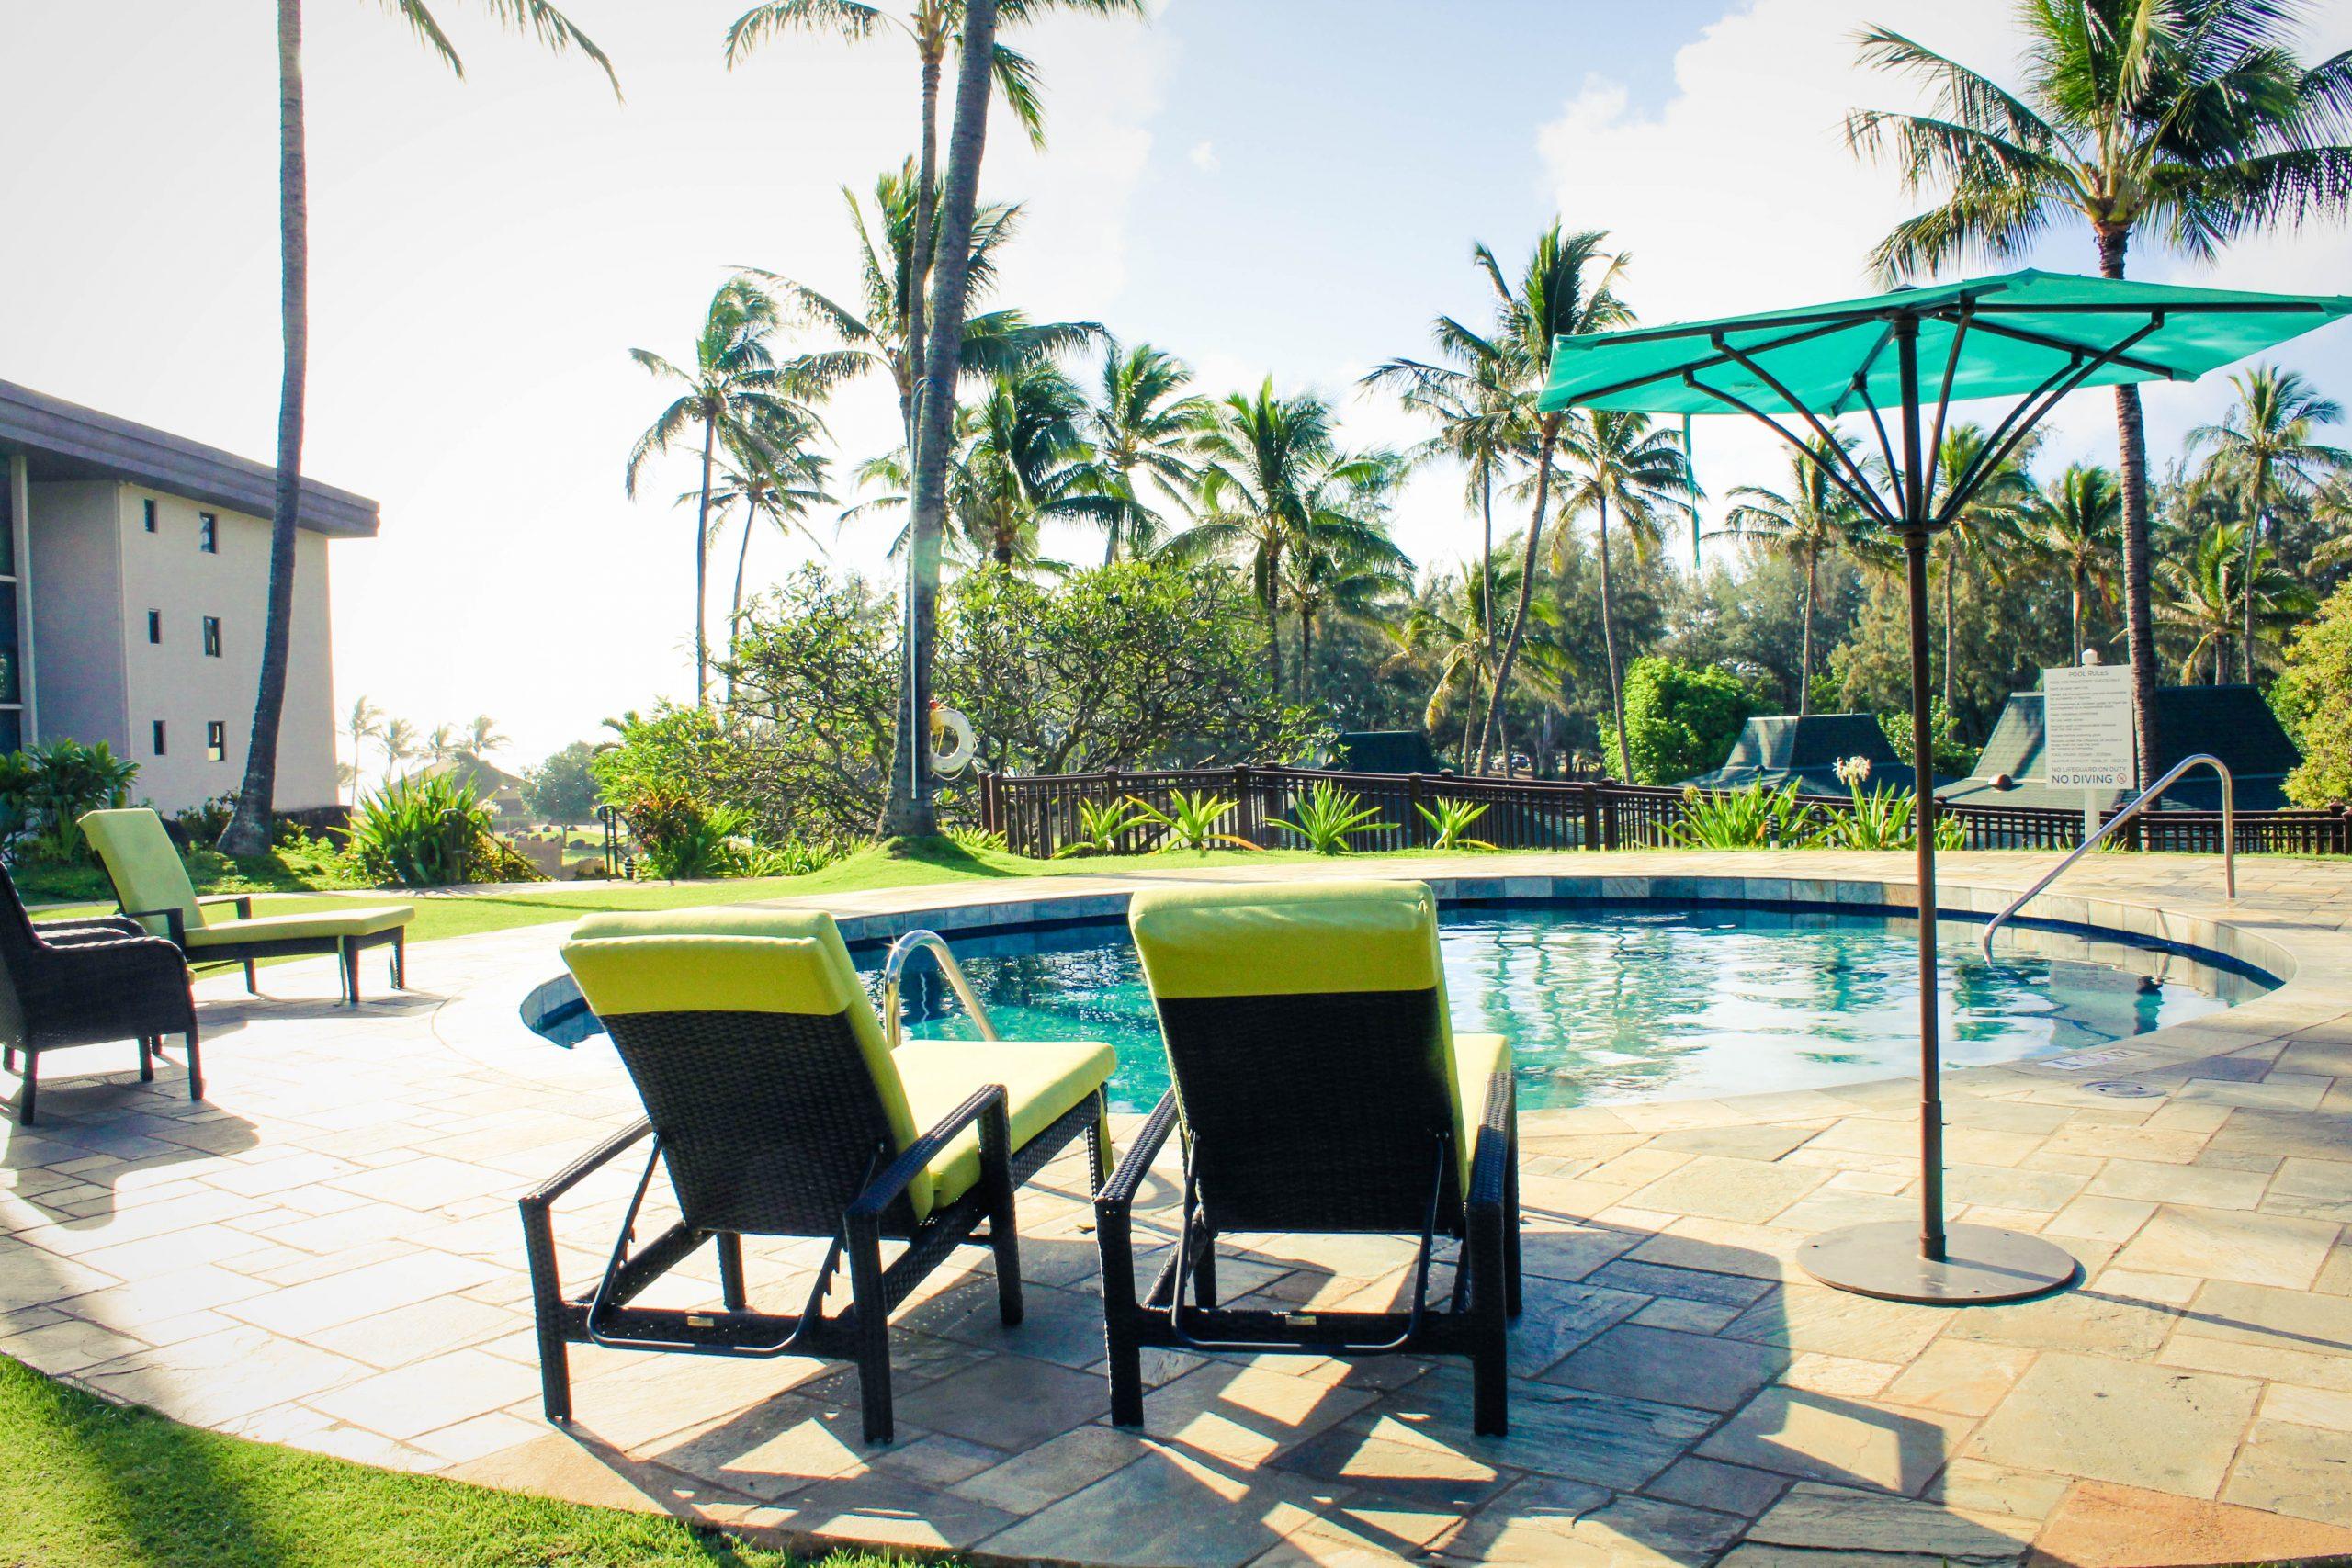 Hilton Garden Inn Kauai Cottages, Hawaii USA